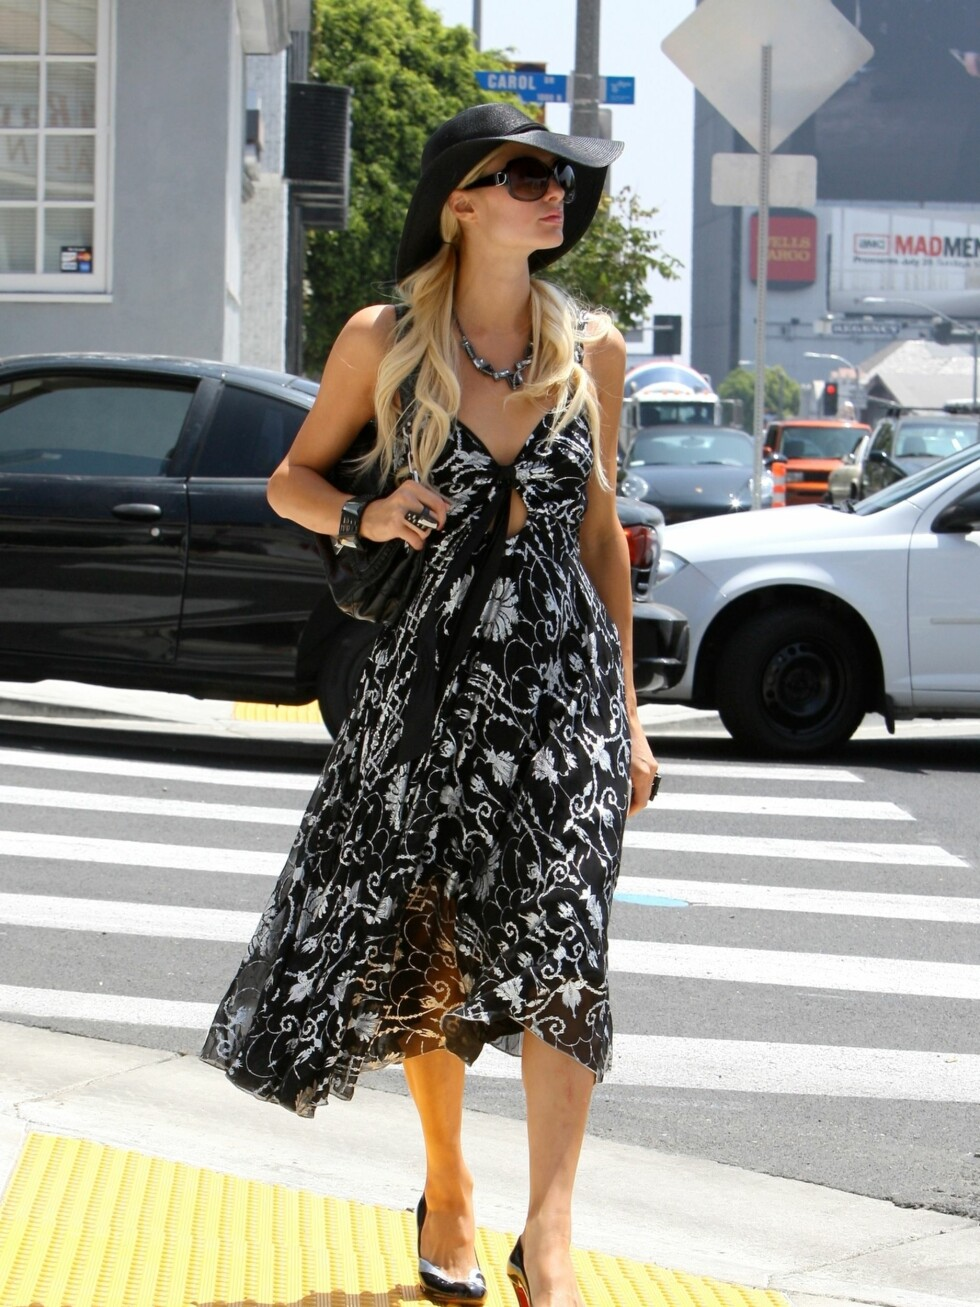 Paris Hilton velger som Catherine Zeta-Jones en stor og svart solhatt. Foto: All Over Press